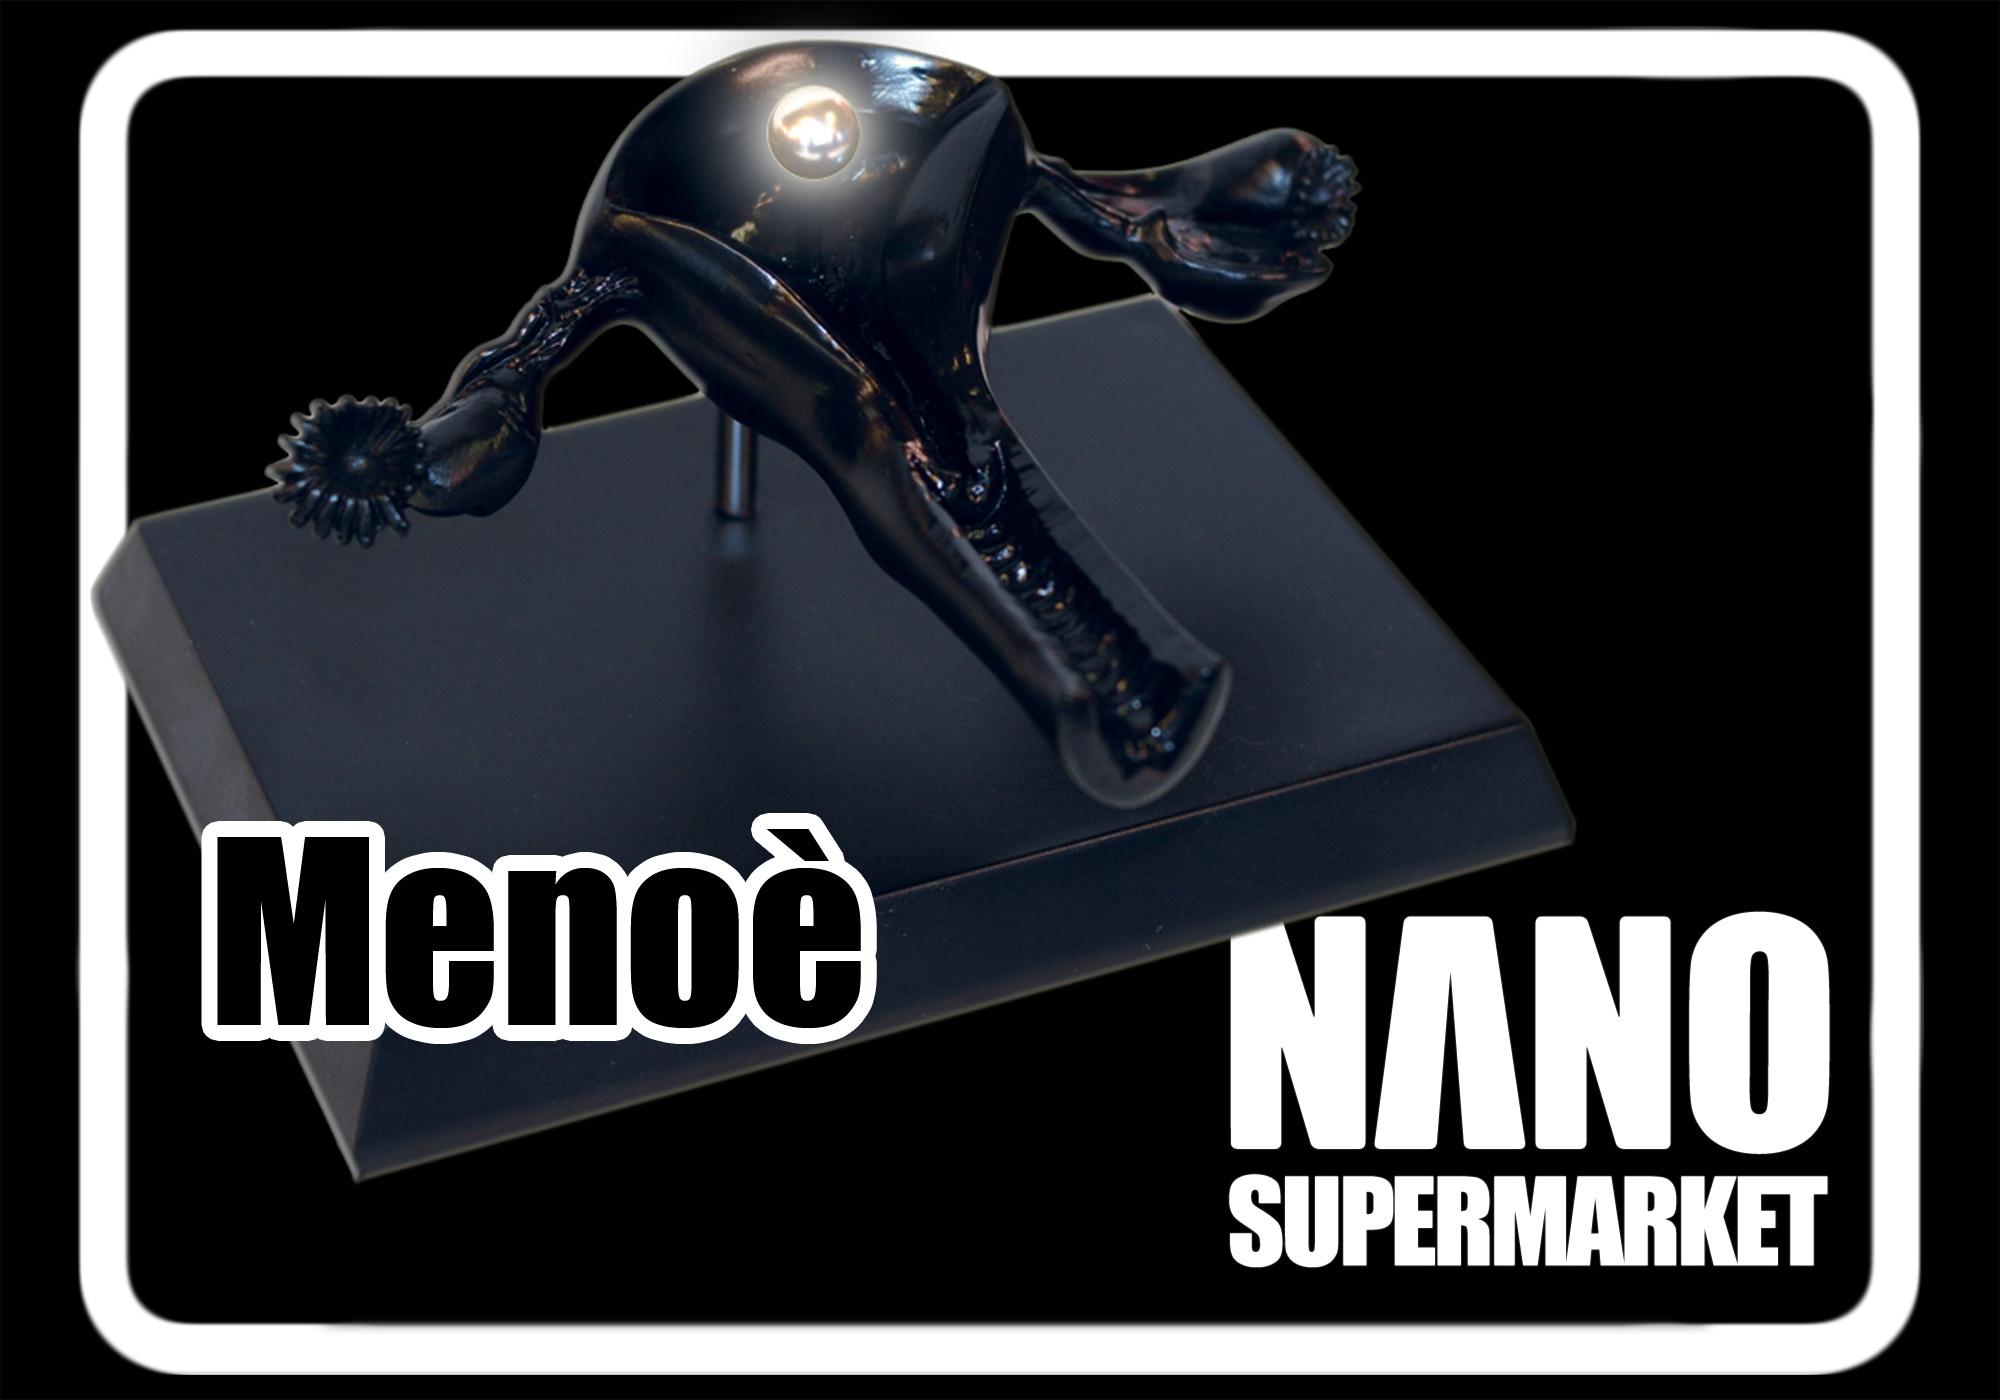 Visual of Nano Product: Menoé